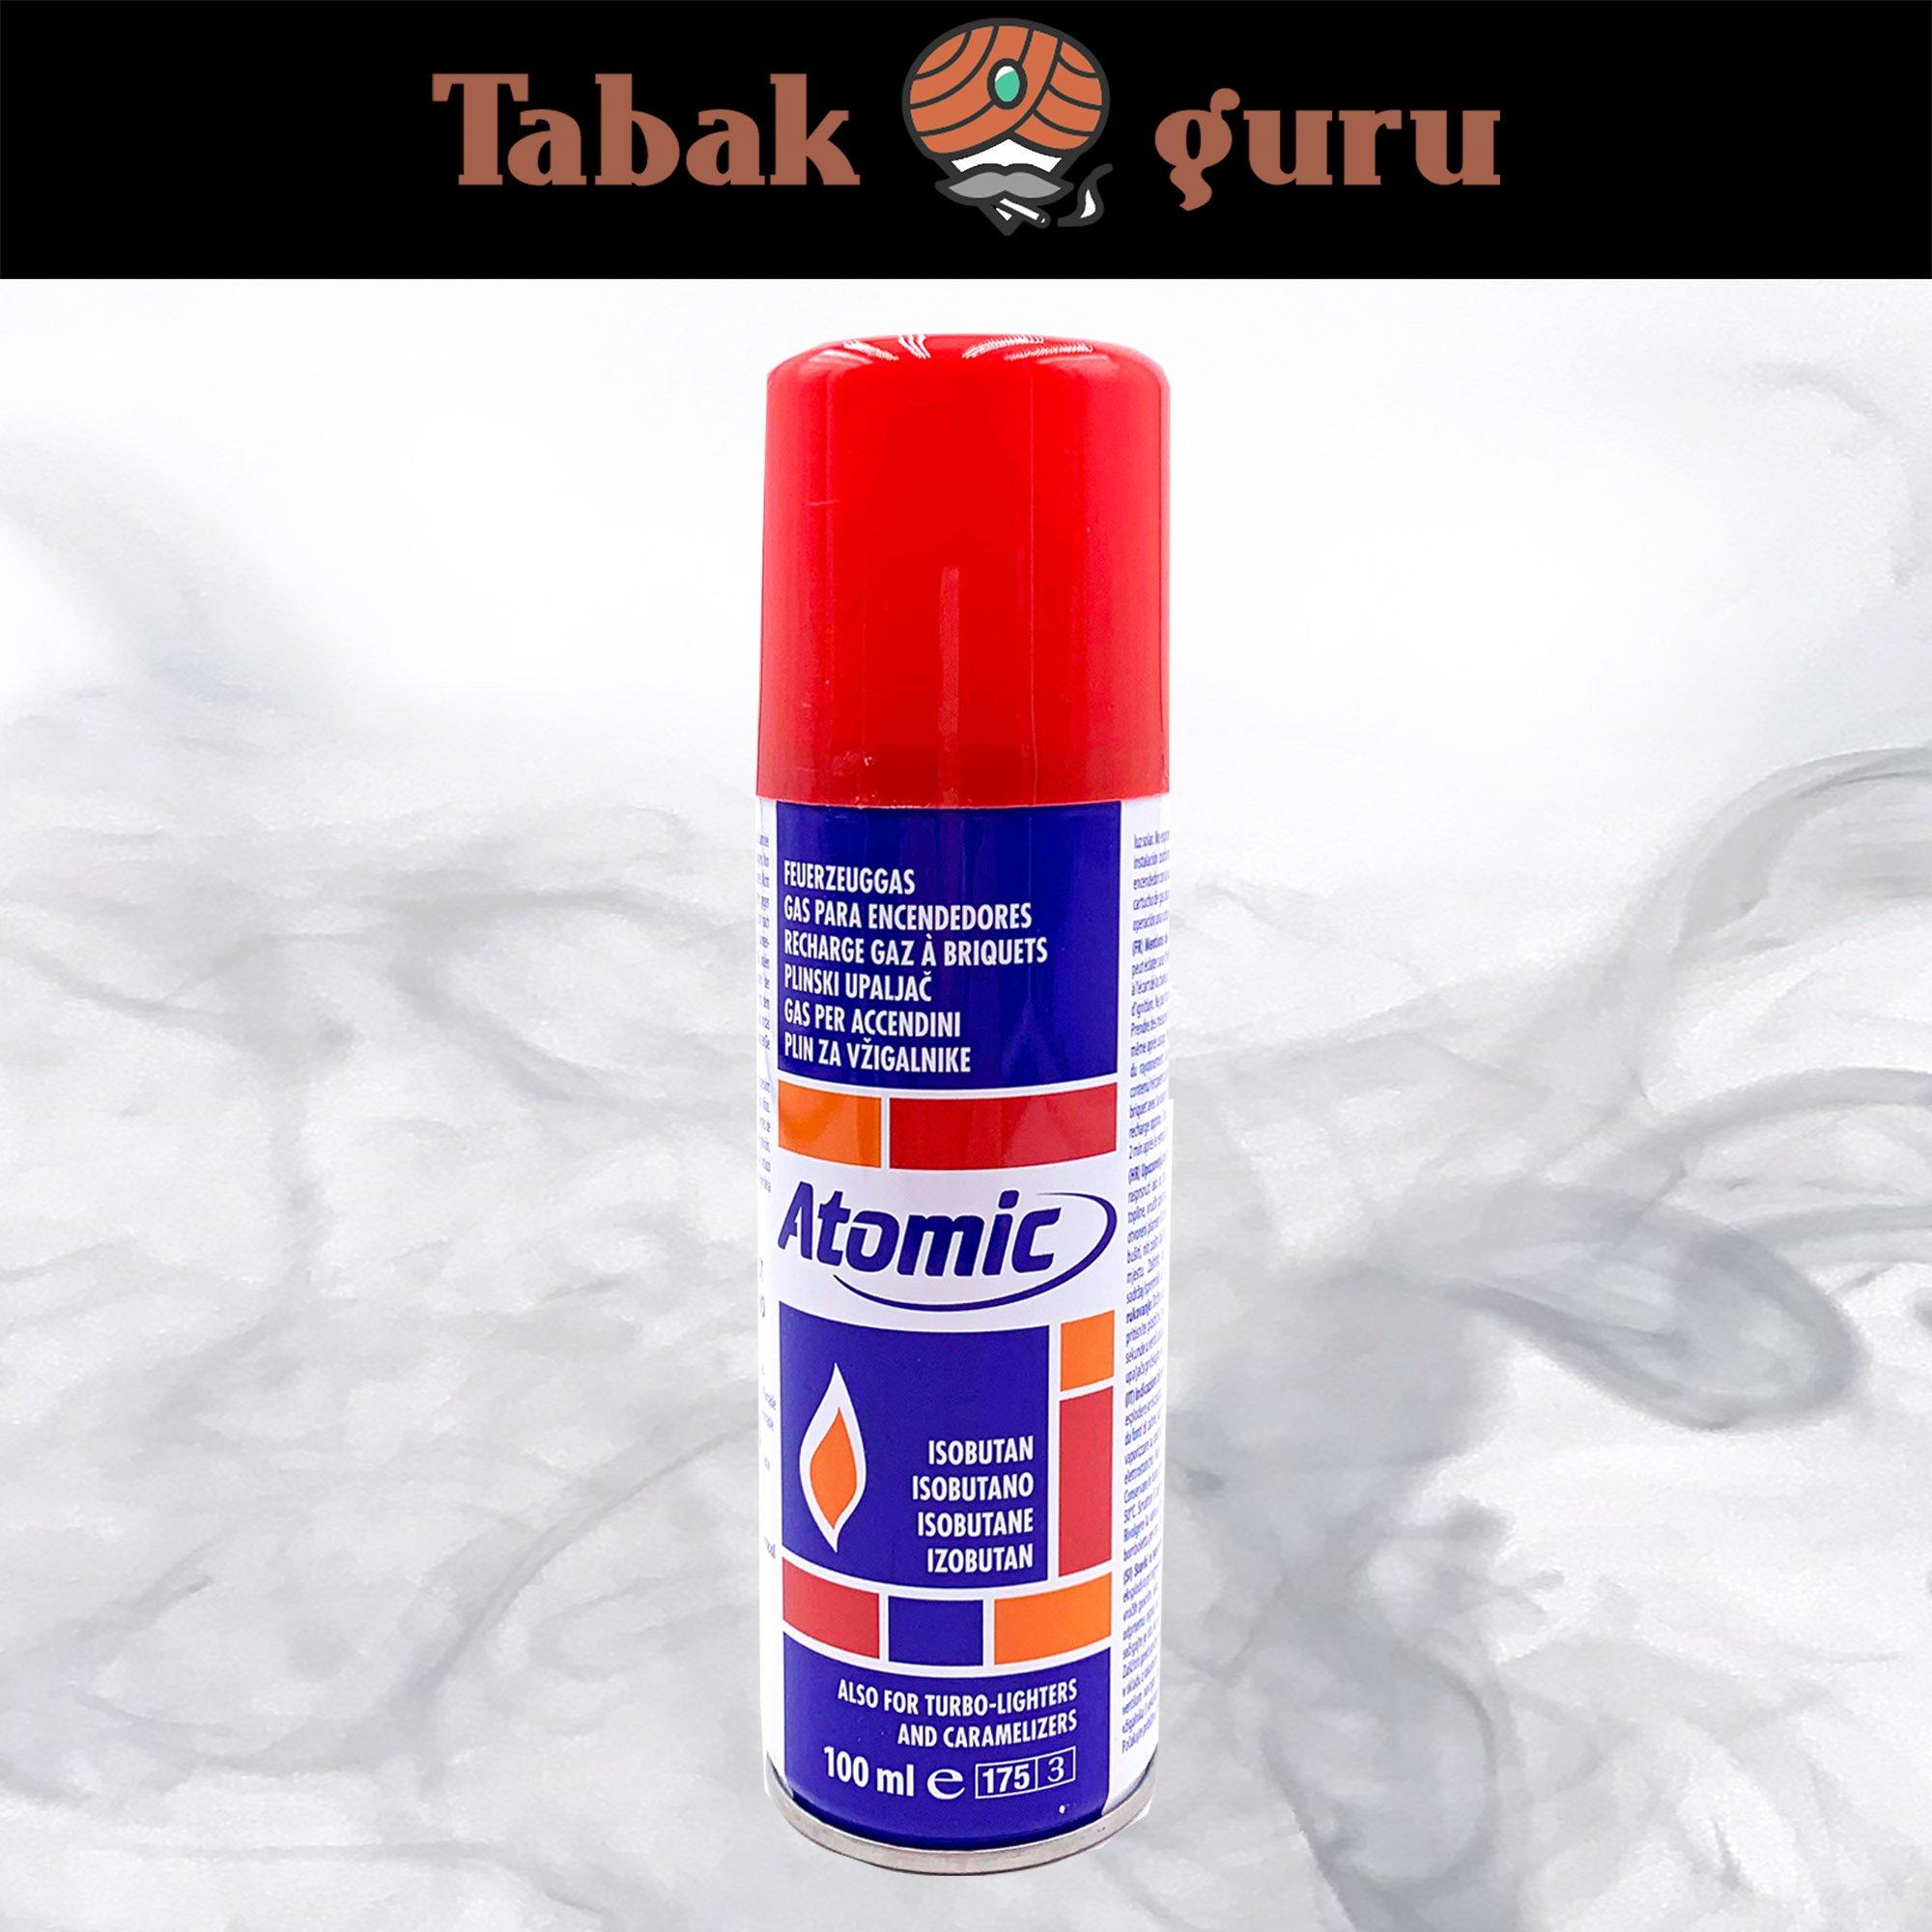 Atomic Feuerzeuggas  Inhalt 100 ml